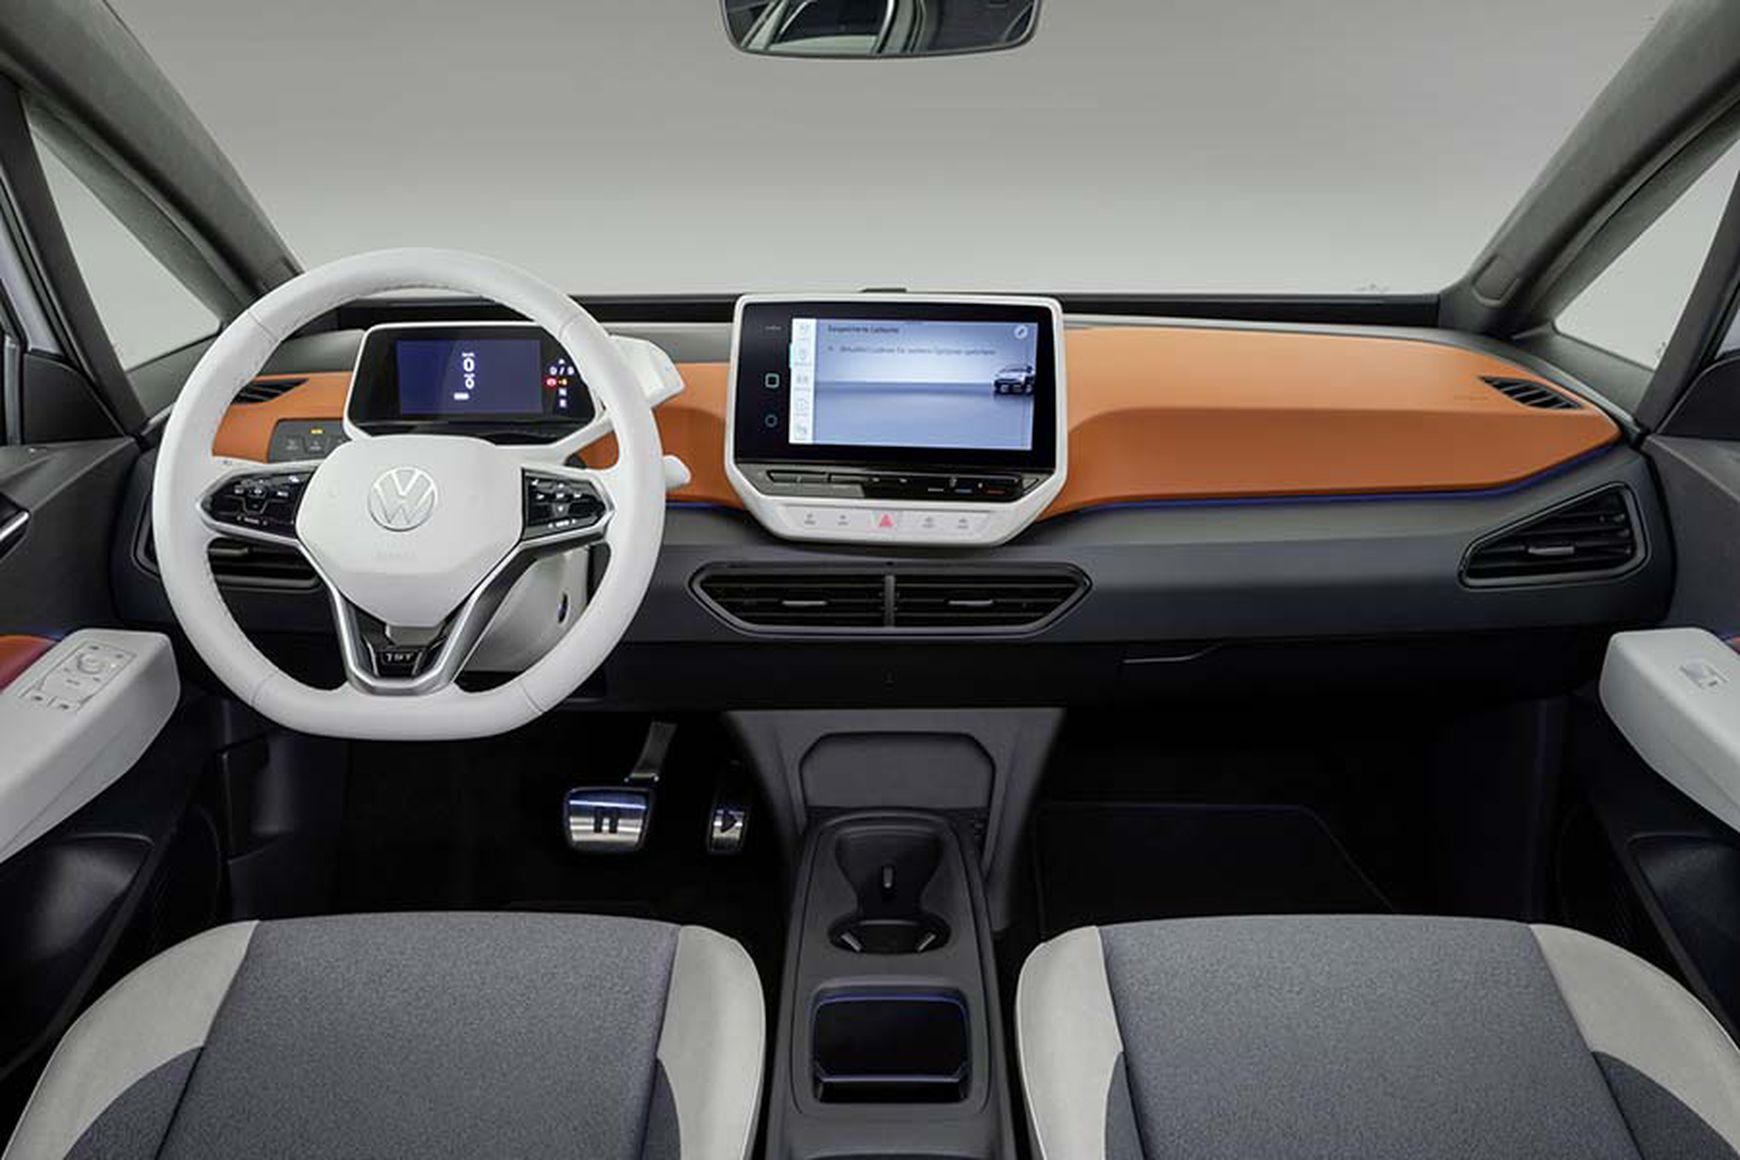 Das Cockpit des neuen VW ID.3 gibt es in mehreren Farbvarianten zu bestellen.